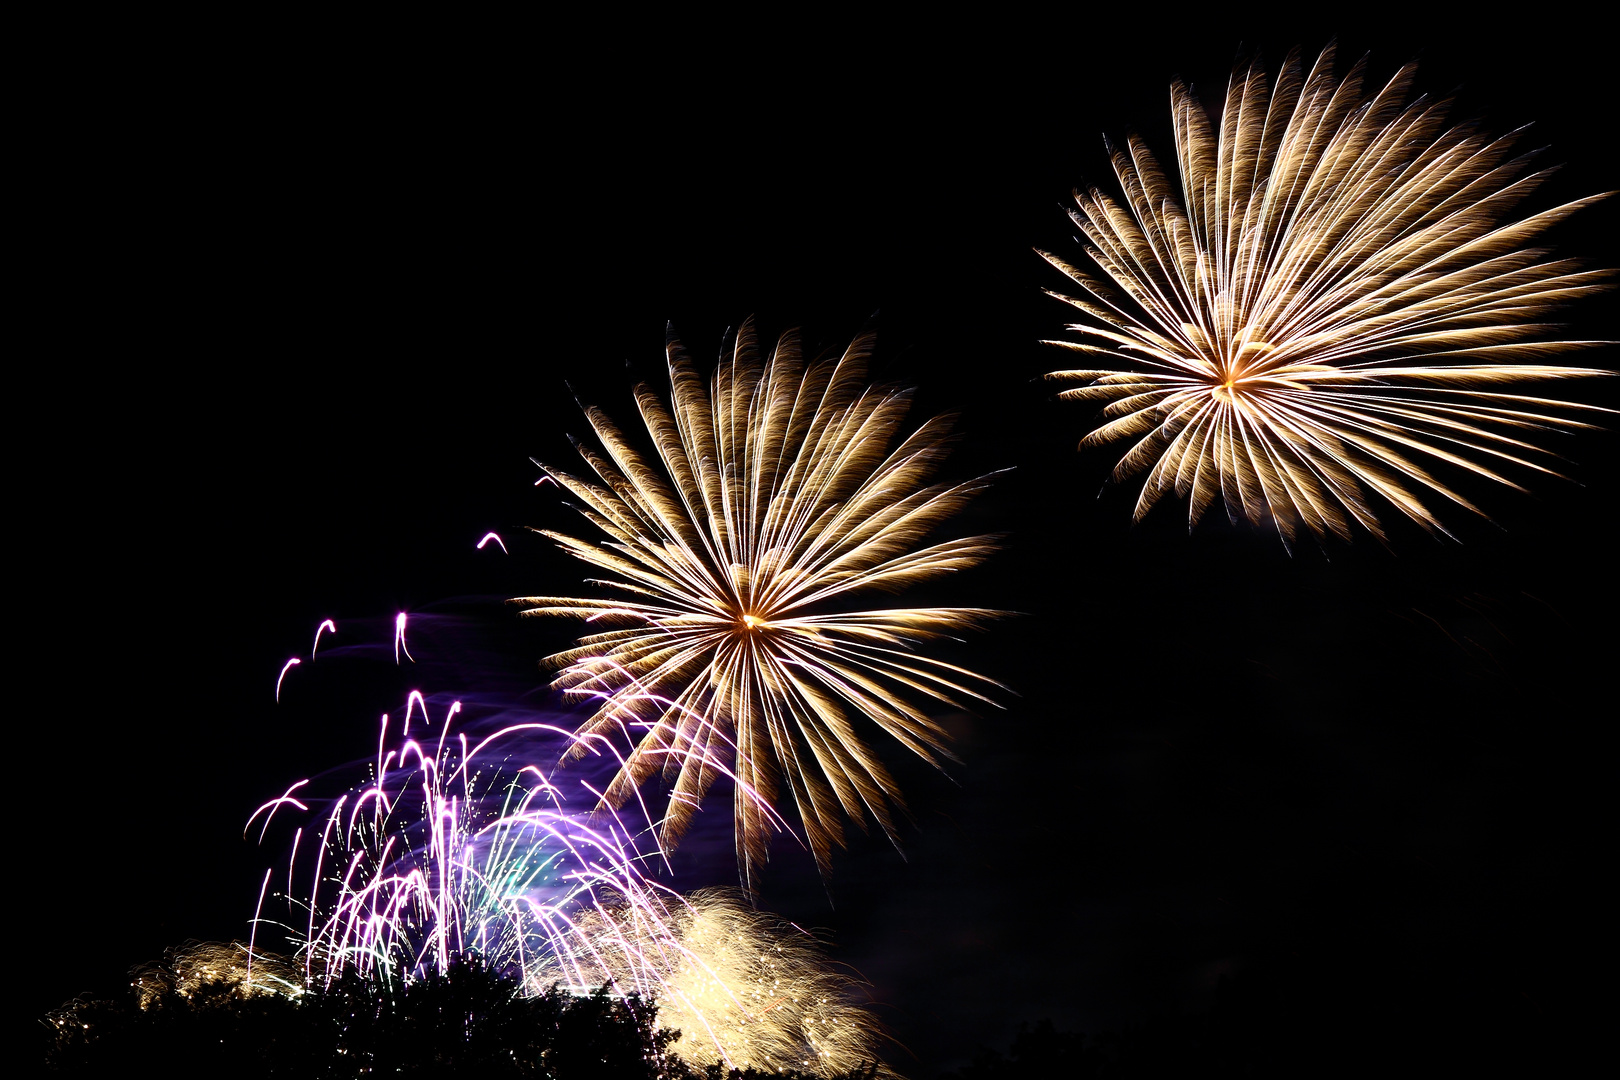 Cottbusser Spreeauennacht Feuerwerk